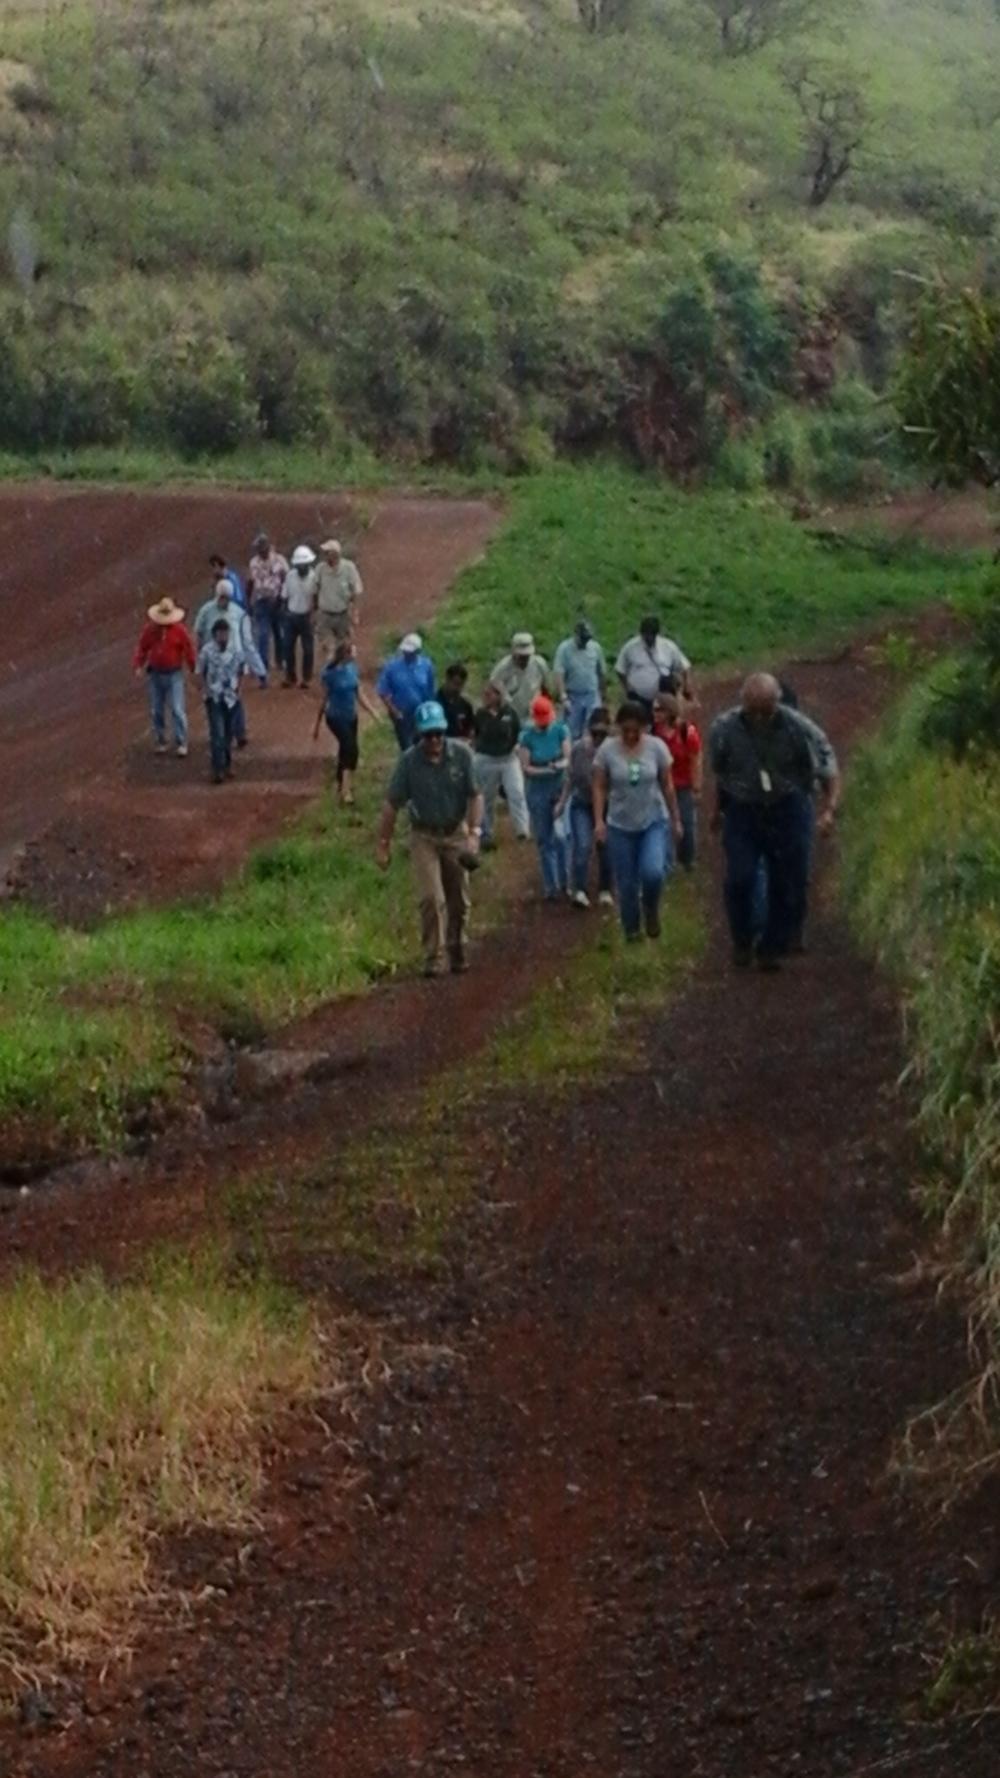 Site Visit at Napili 4-5 Basin